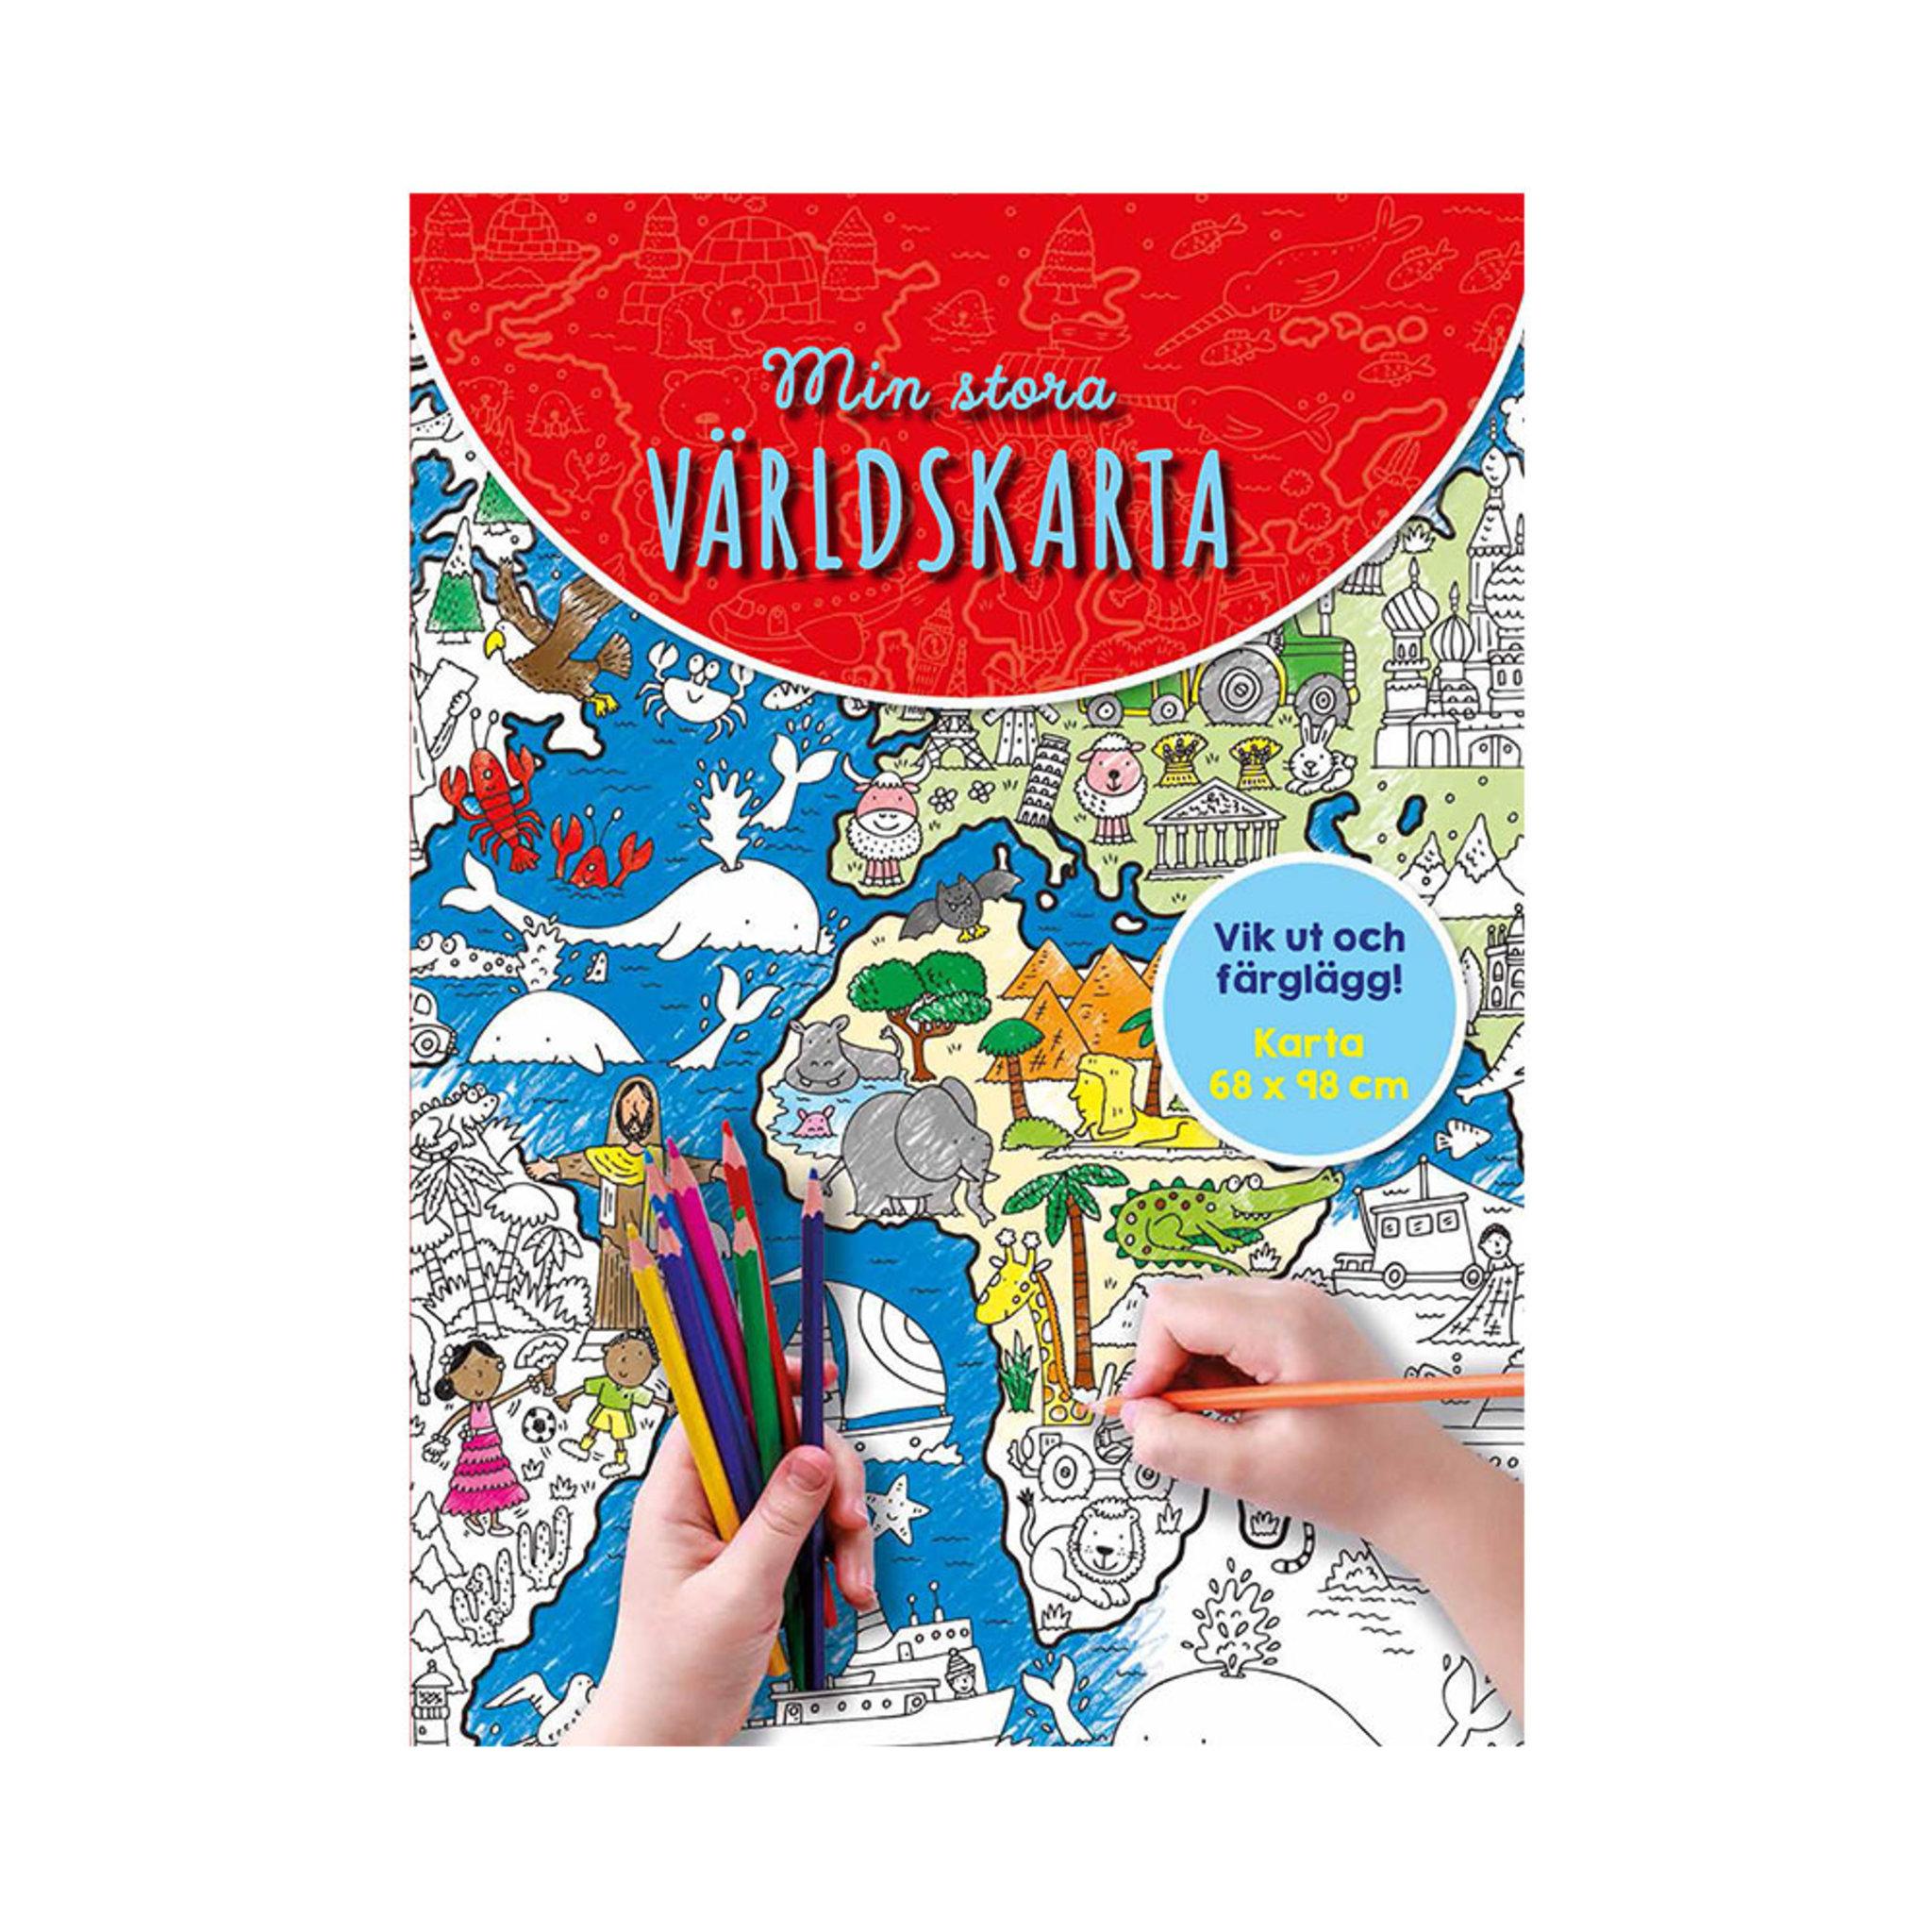 Min stora världskarta - Skapa   pyssla - Köp online på åhlens.se! 79292524fc7d6